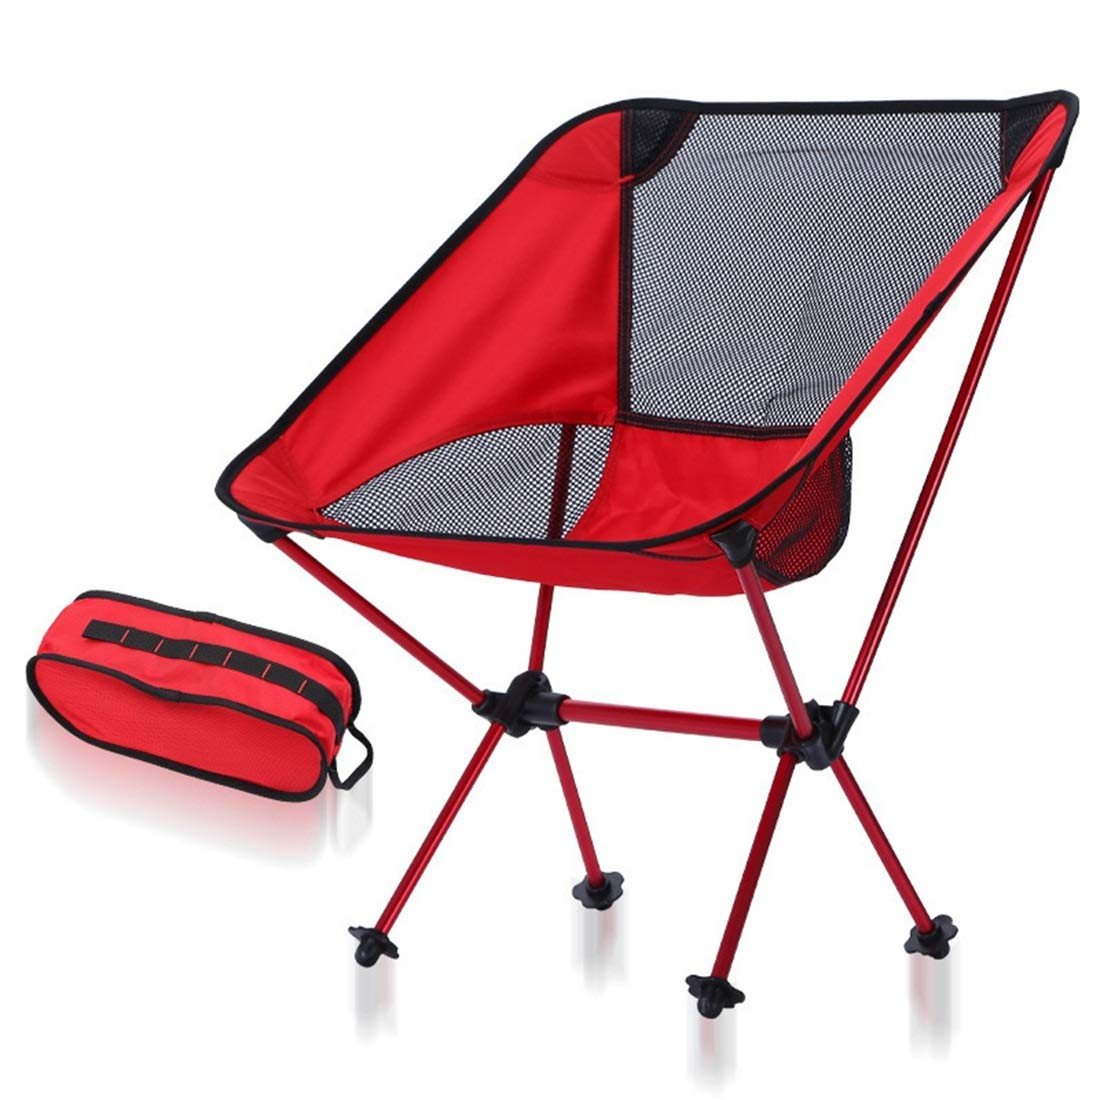 WEATLY Outdoor Stuhl Camping Stuhl Ultra Leichte Kompakte Montage Tragfähigkeit 150 kg Aluminiumlegierung Angeln Wandern Klettern Kirschblüte Feuerwerk Display Einfache Lagerung